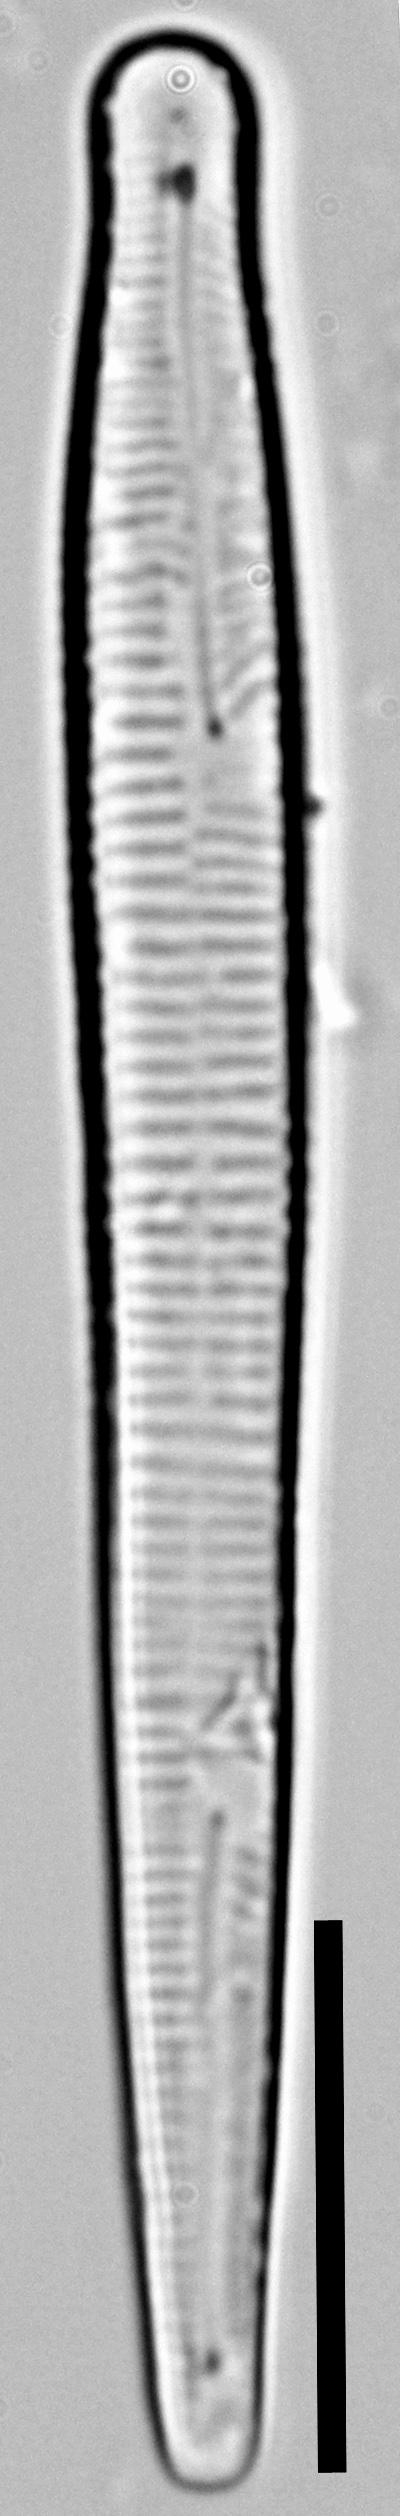 Peronia fibula LM7